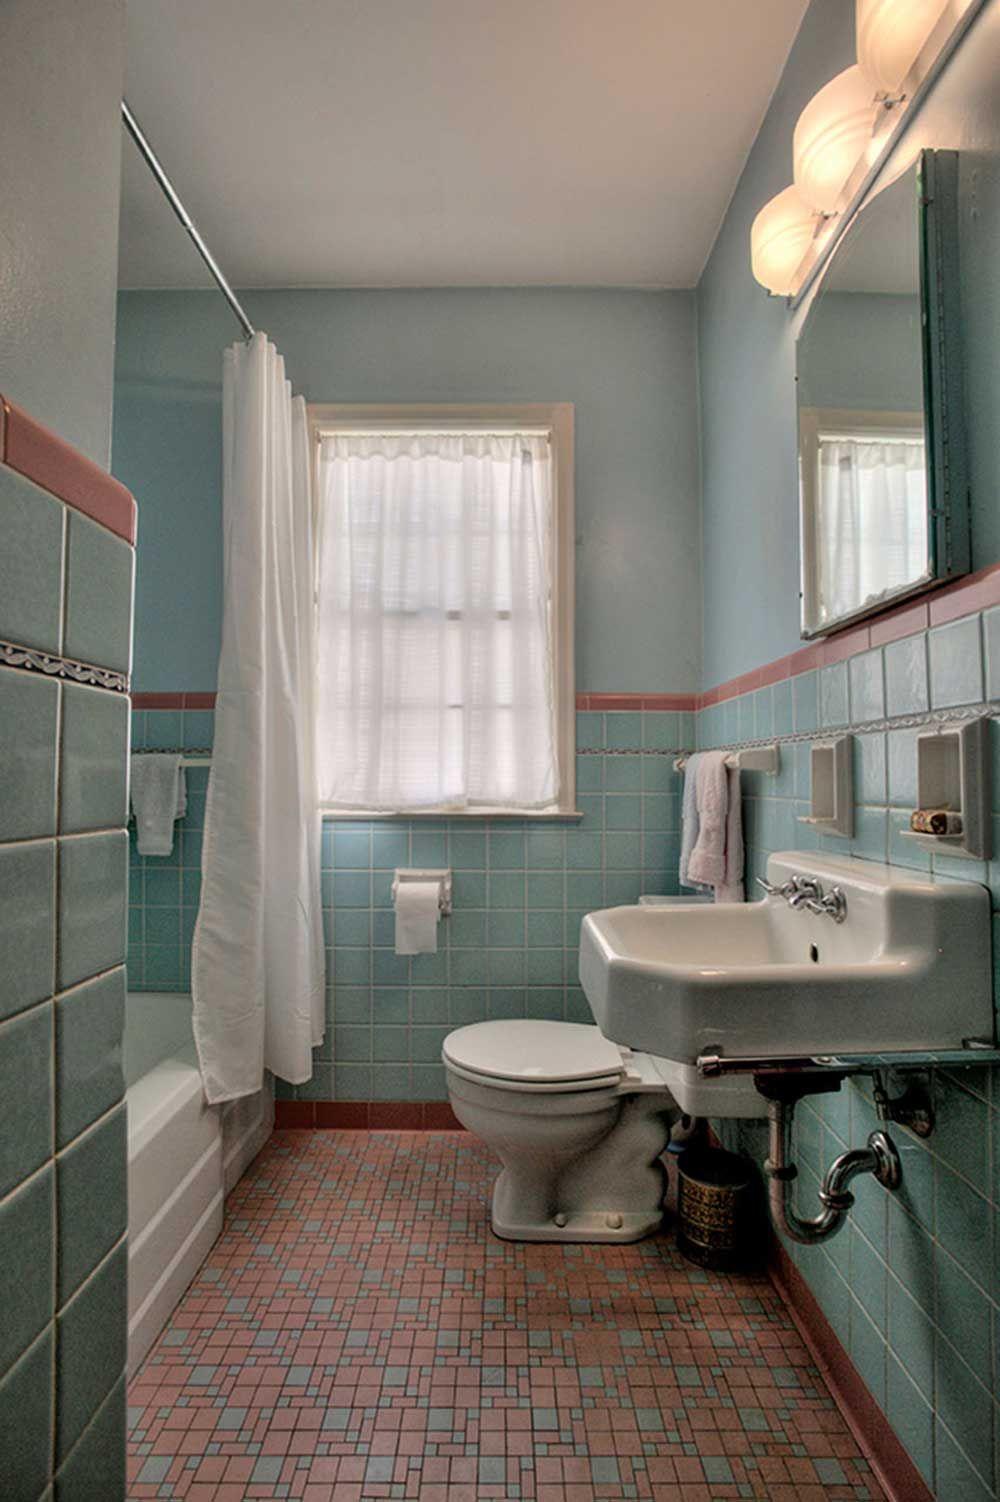 1949 time capsule house filled with original charm dcorations pour la maisonles annes 50faiencecarrelagesalle de bainsambianceannee histoireprojets